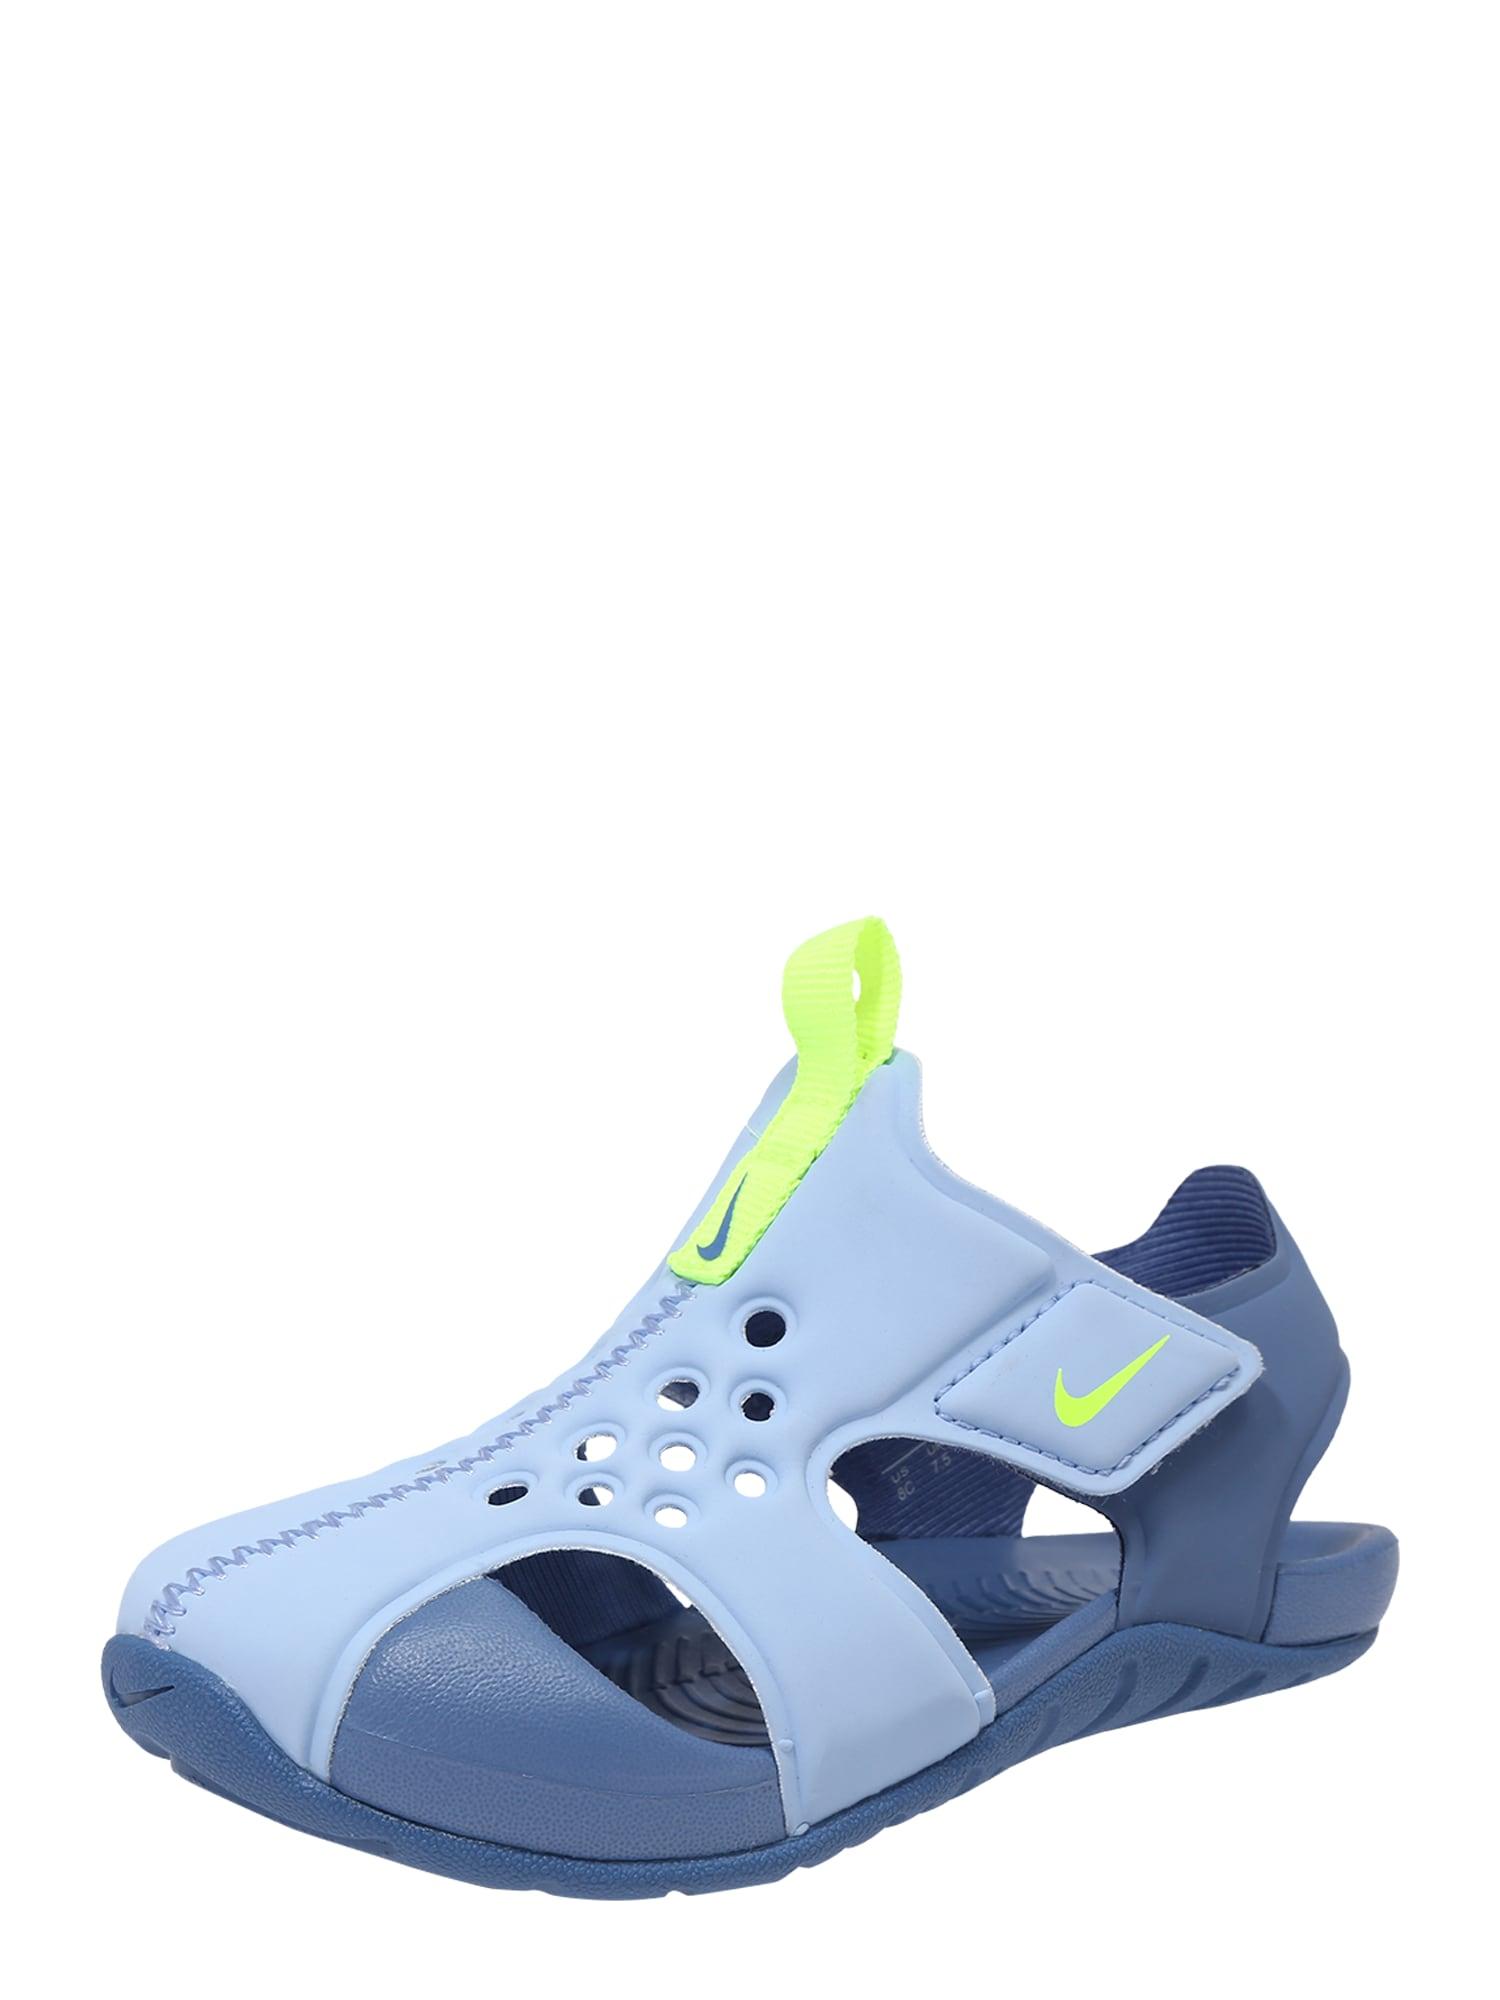 Plážovákoupací obuv Sunray Protect 2 TD světlemodrá žlutá Nike Sportswear